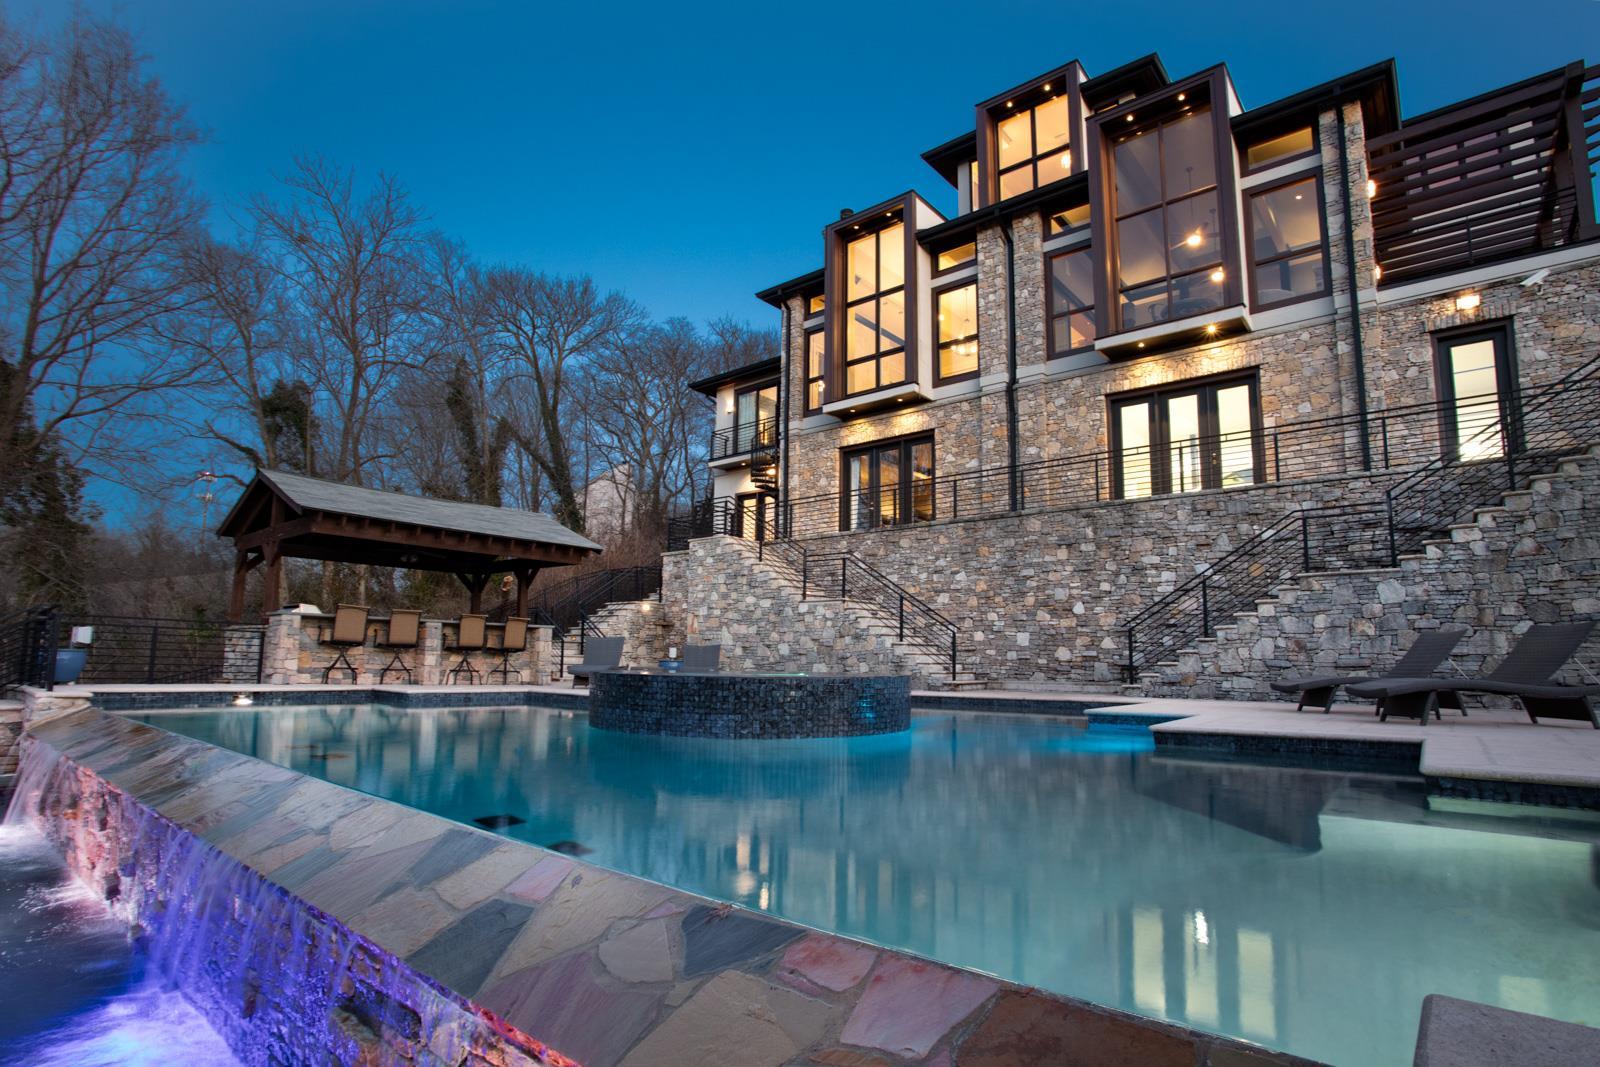 3540 Trimble Rd, Nashville, TN 37215 - Nashville, TN real estate listing